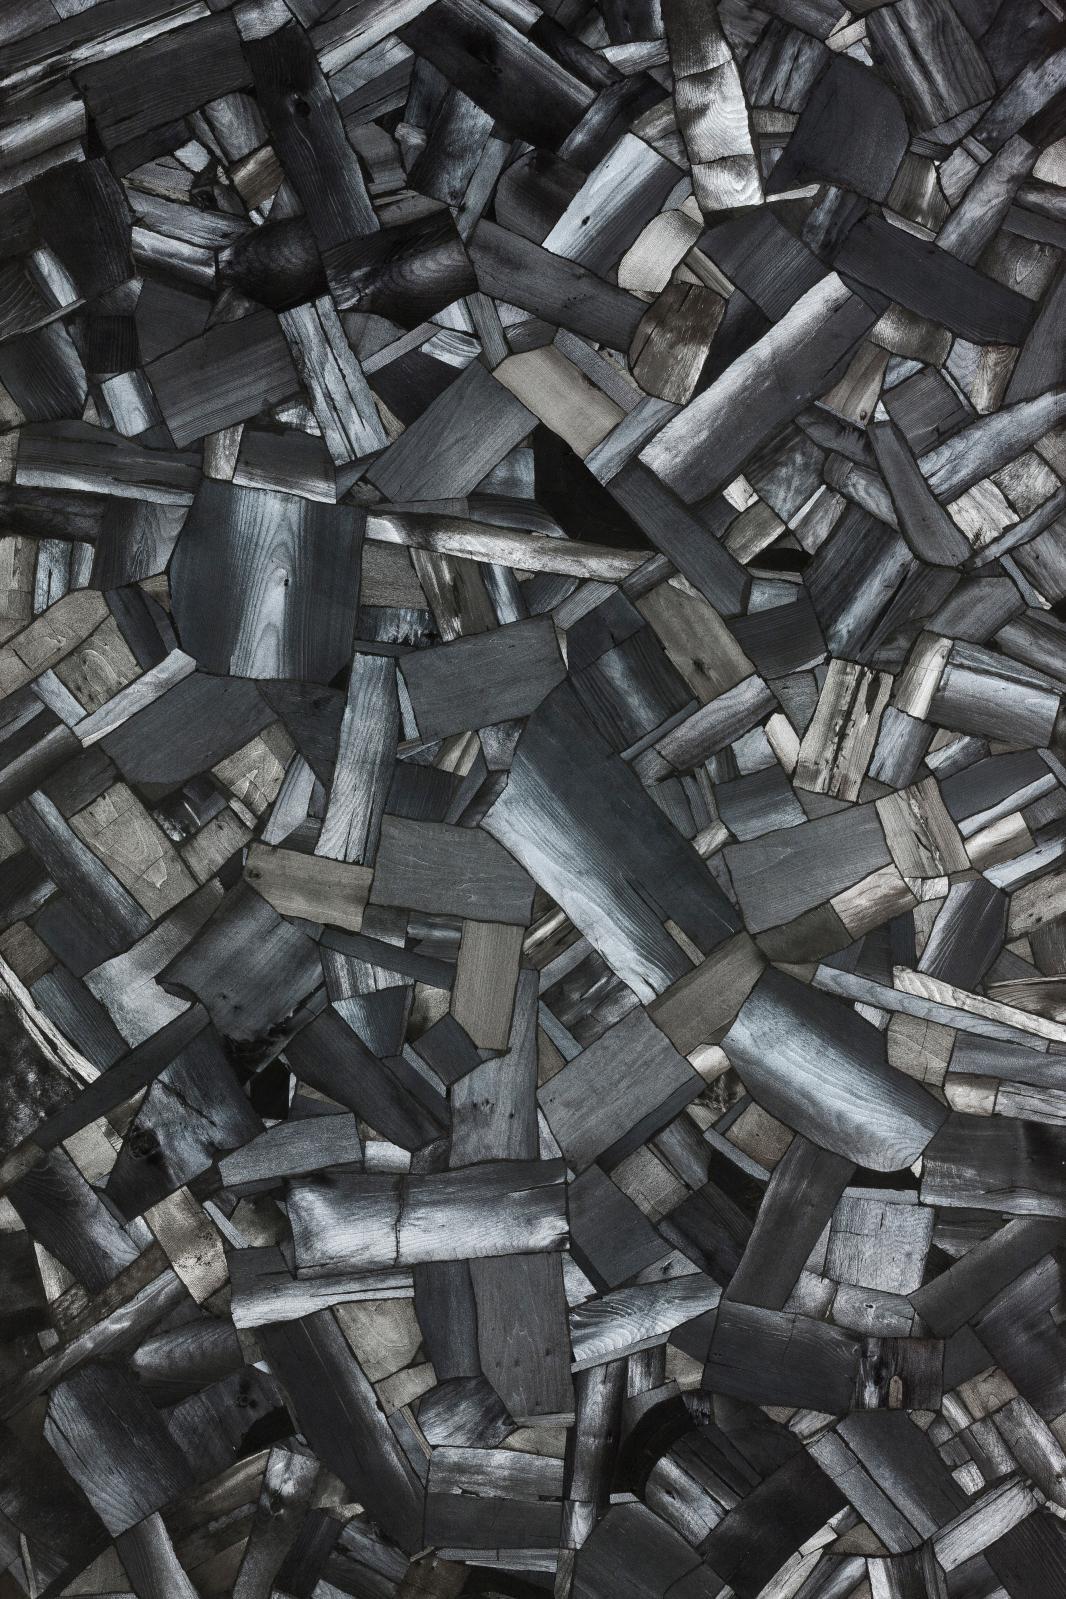 Issu du feu, charbon de bois sur toile, 2000, 210x120cm (détail).